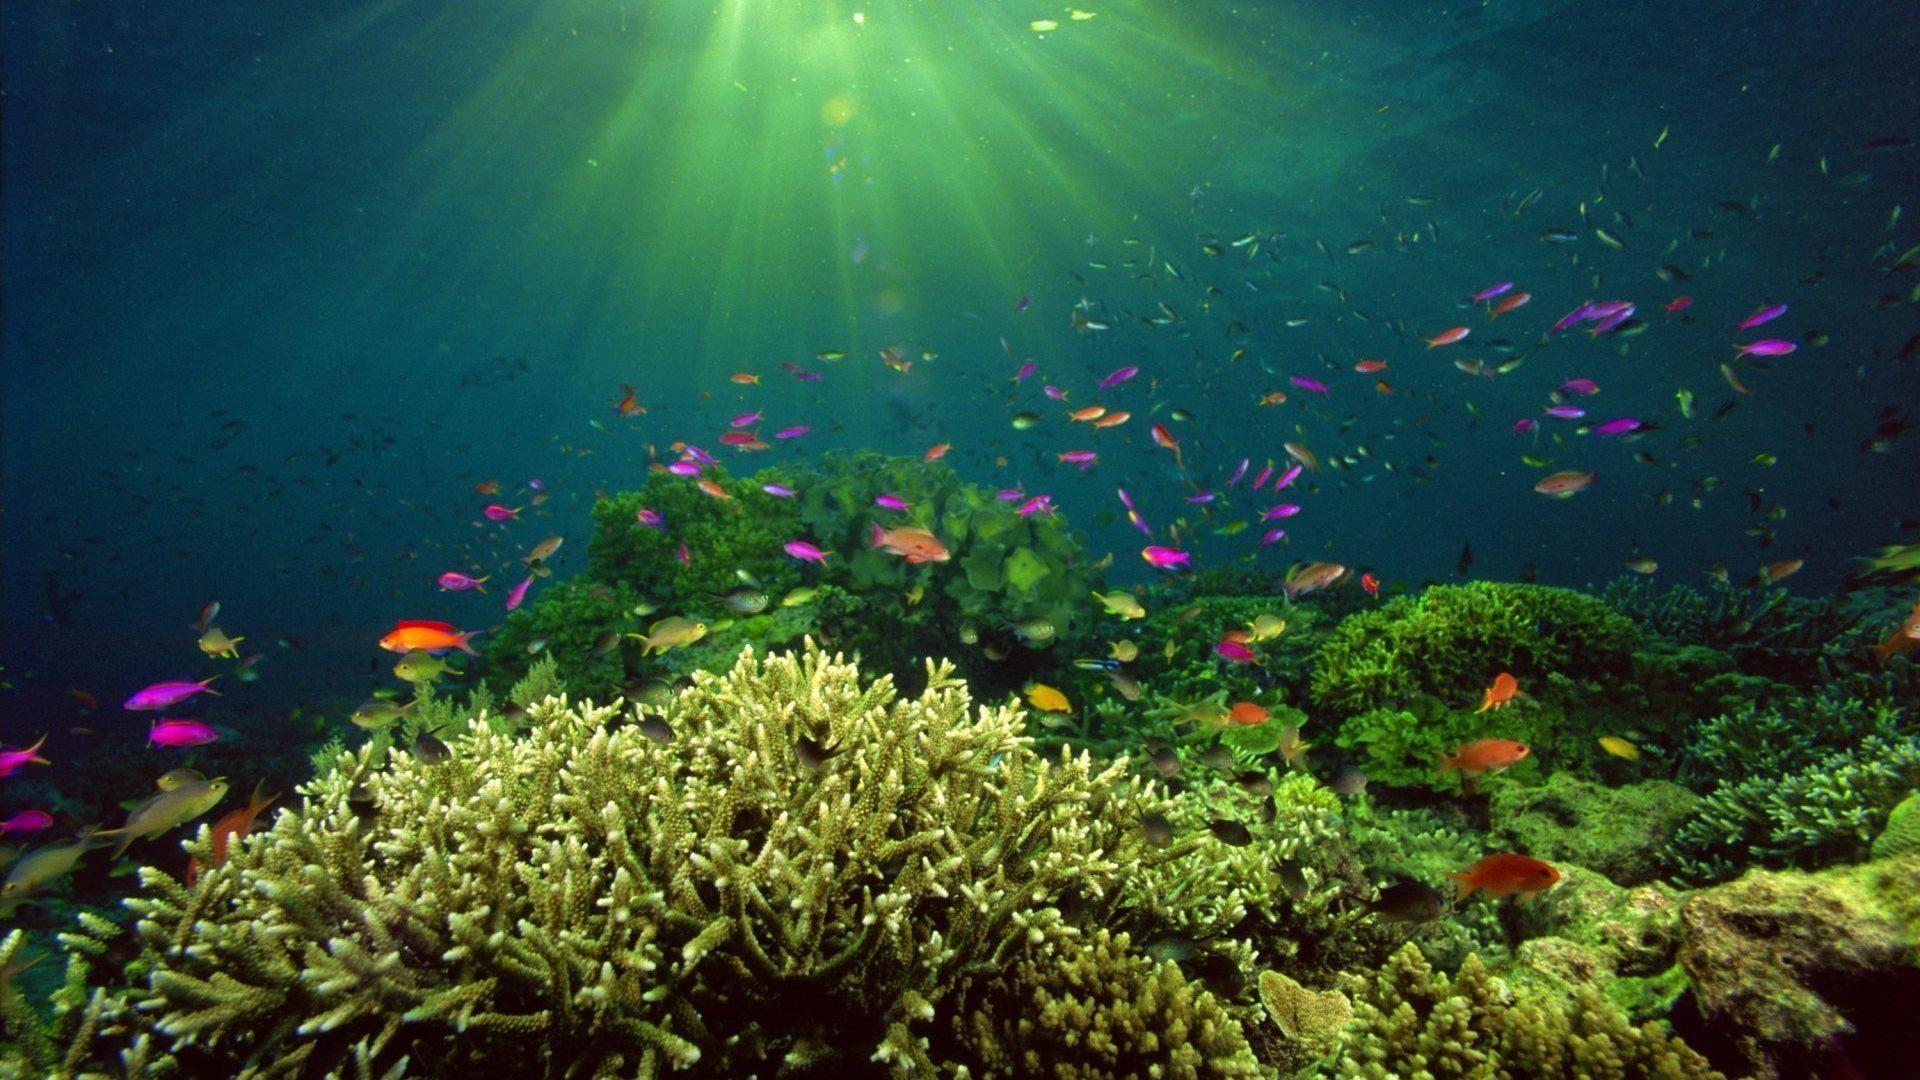 Tropical Ocean 3d Live Wallpaper Coral Reef Live Wallpaper 59 Images